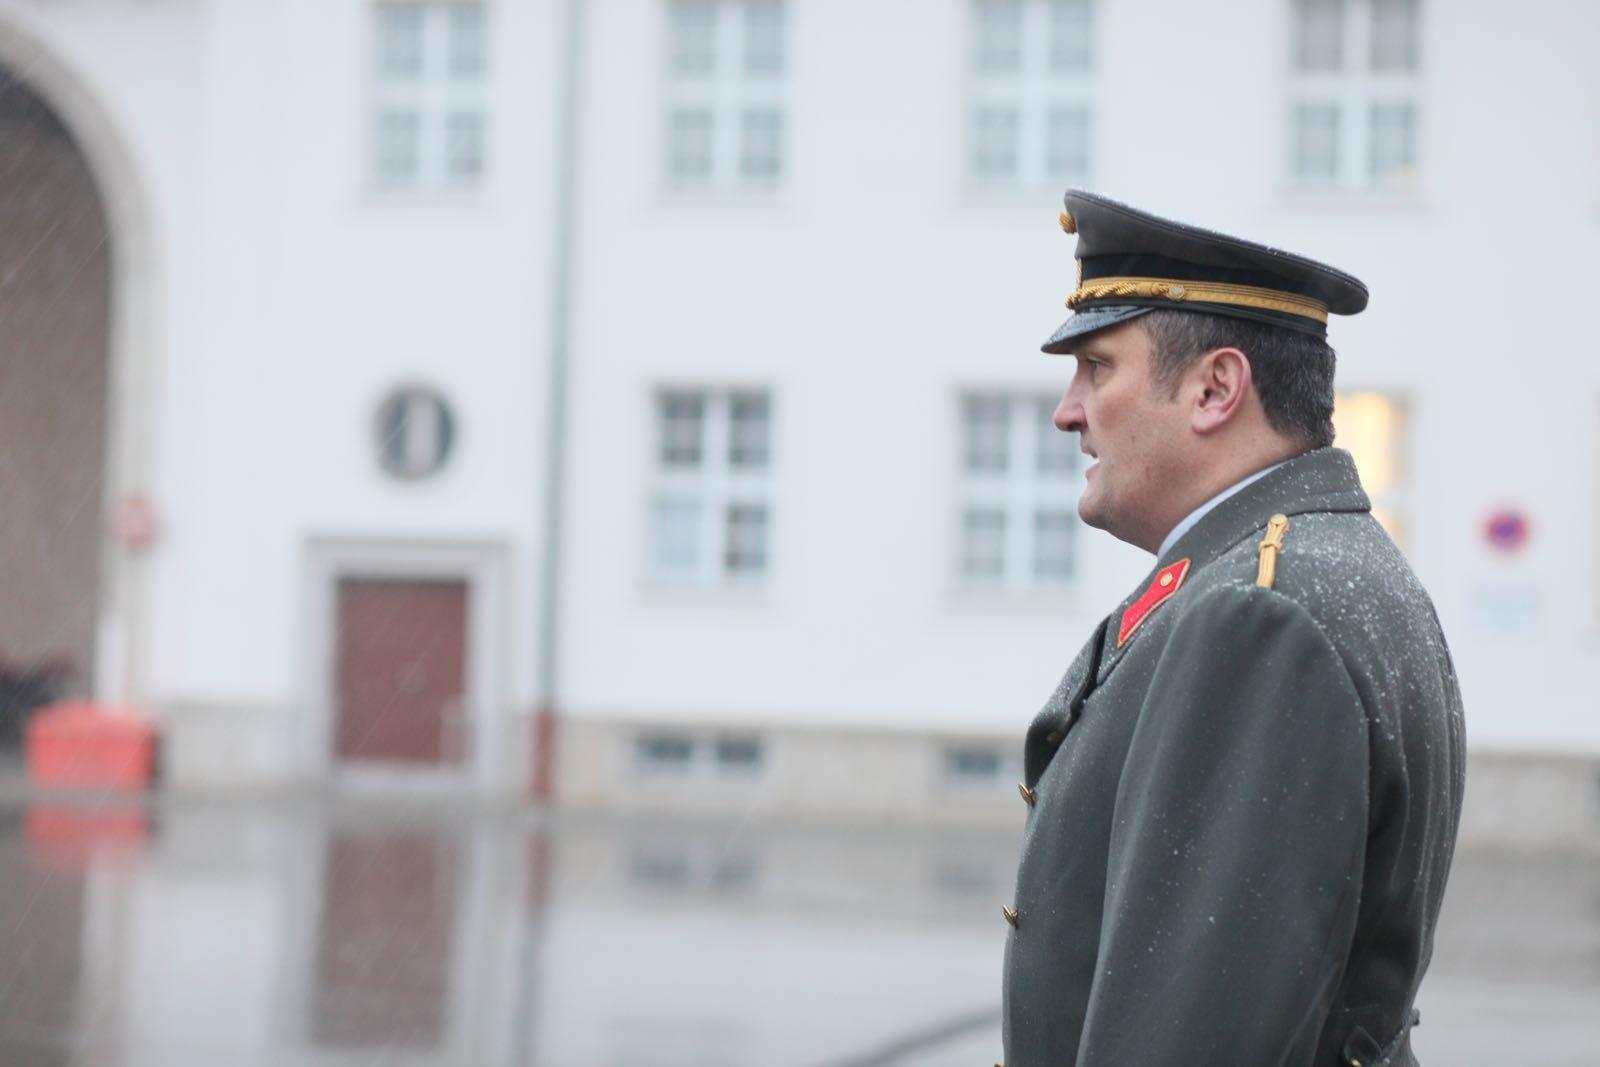 2019_01_18_5Gardekompanie_EVB_EUFOR_Verabschiedung_Einsatz - 3 of 24